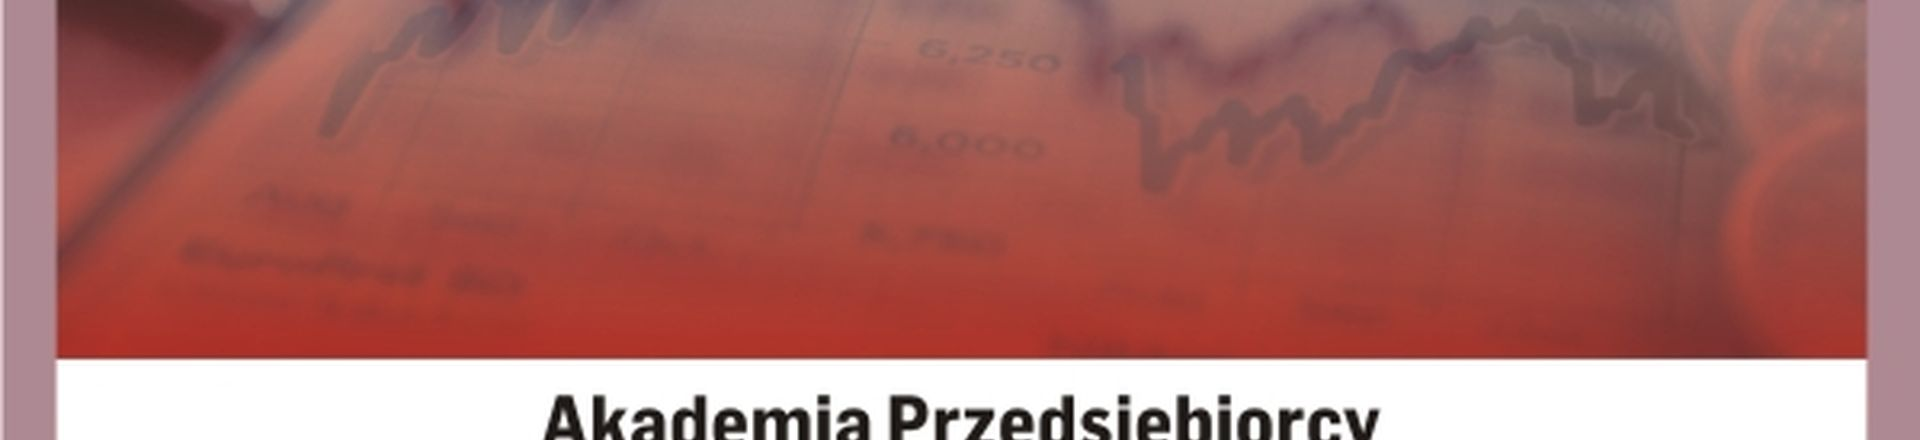 Cykl Akademia Przedsiębiorcy: Kapitał i bezpieczeństwo Twojej firmy - Bydgoszcz